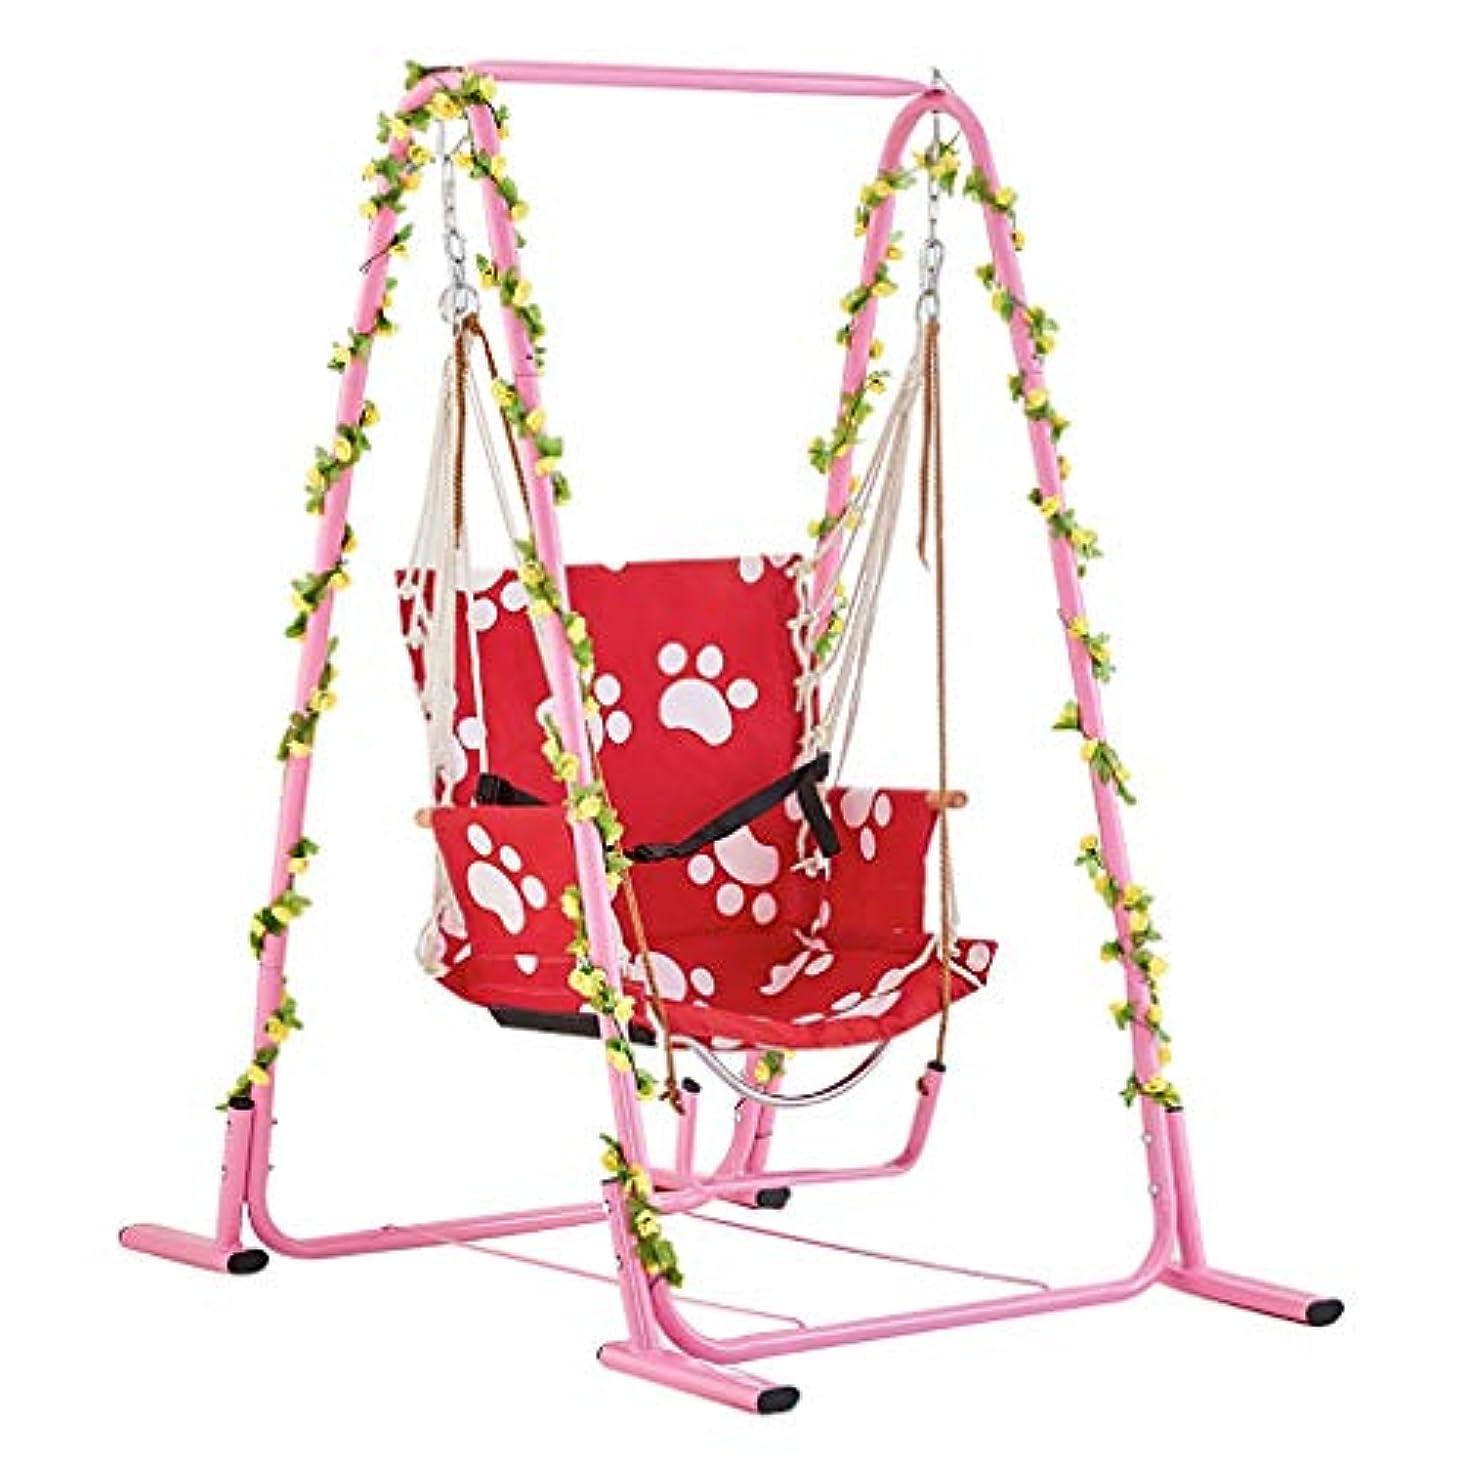 スモッグ単調なカンガルースイング子供大人椅子クレードルバルコニーレジャーチェアぶら下げバスケットホームガーデン